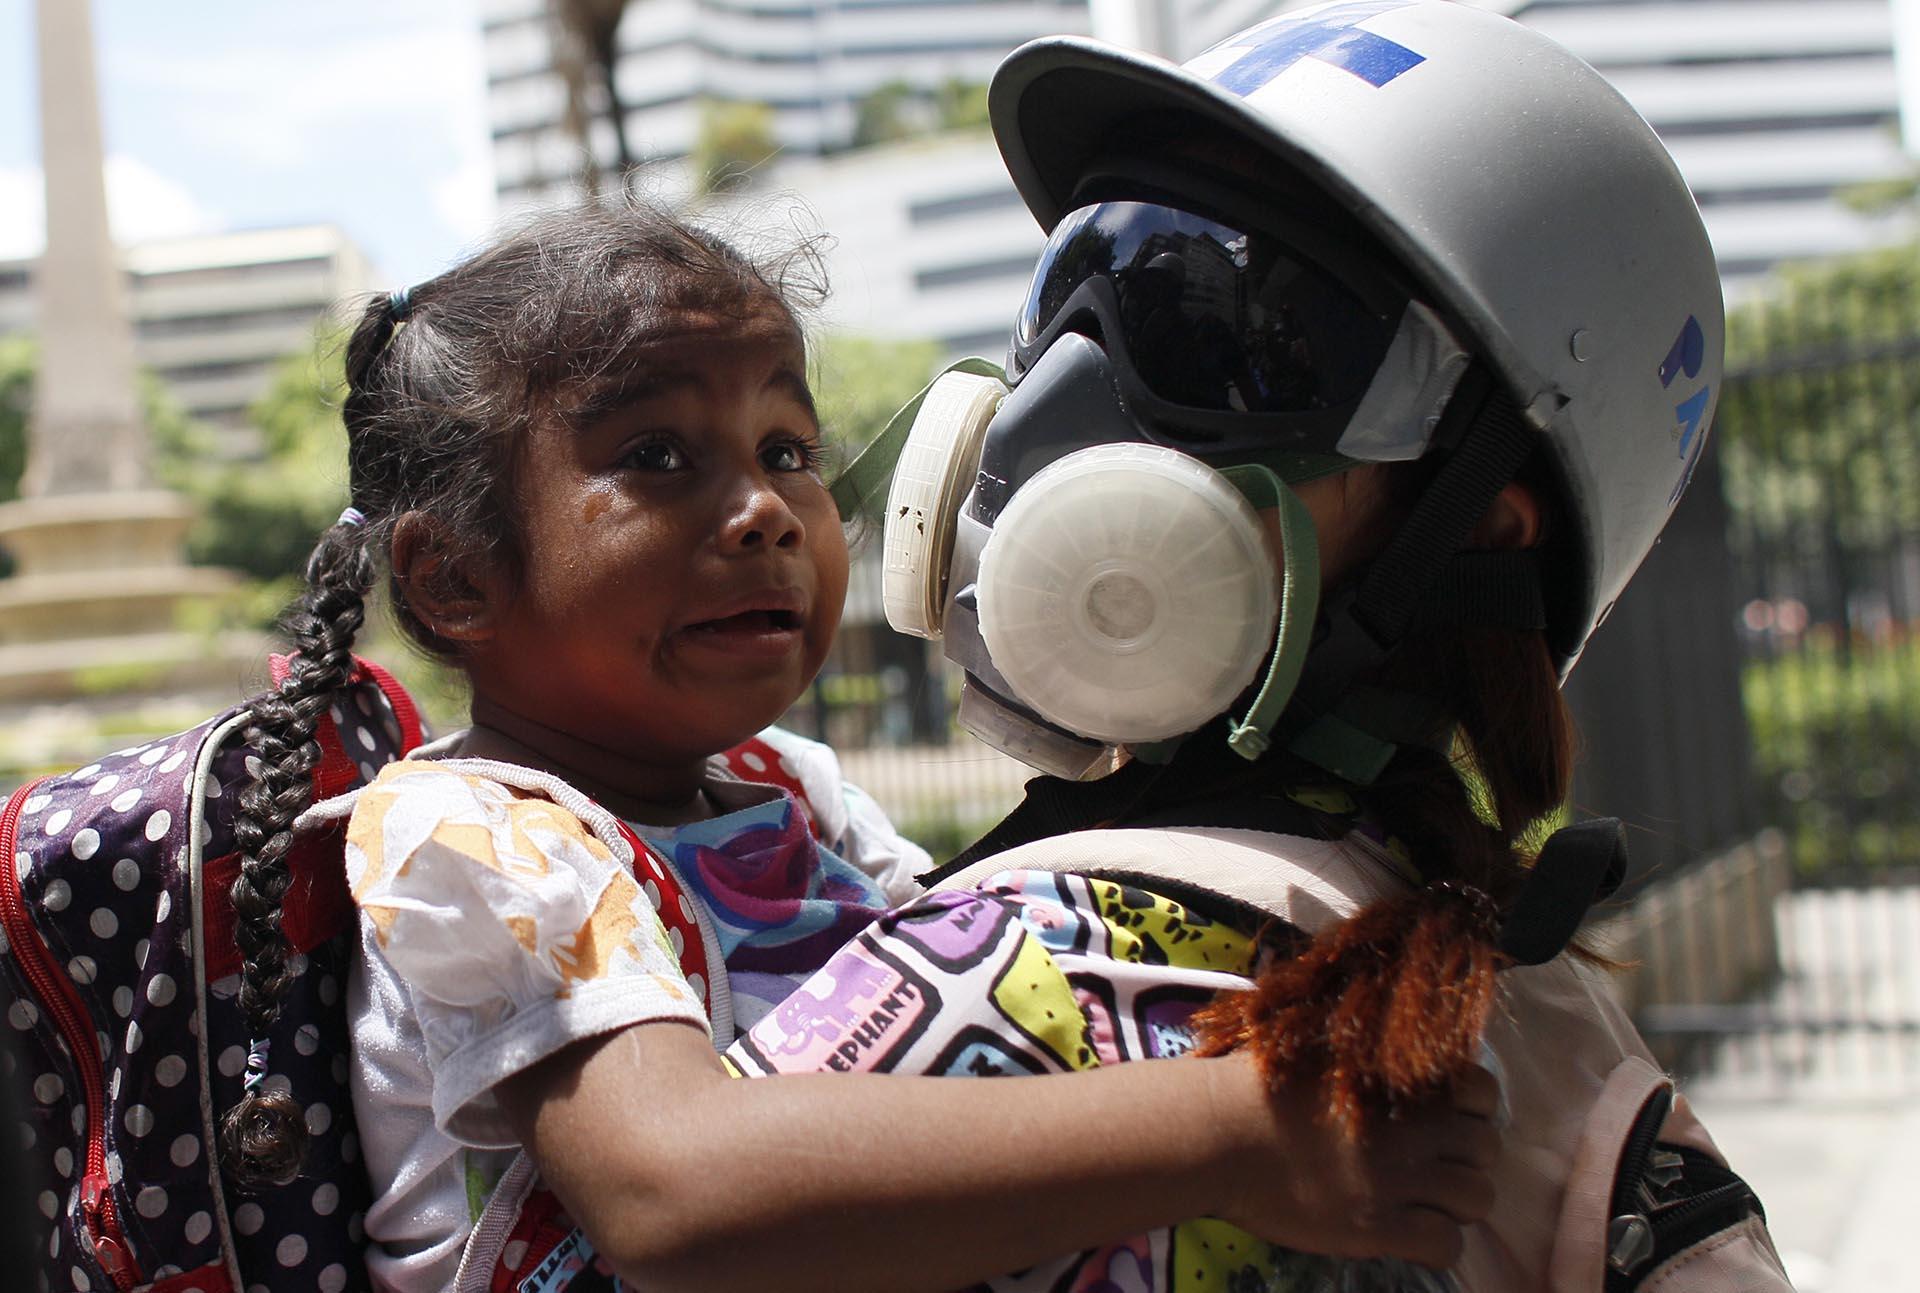 Una paramédica asiste a una niña afectada por gases lacrimógenos durante la represión chavista a una manifestación opositora en Caracas, Venezuela